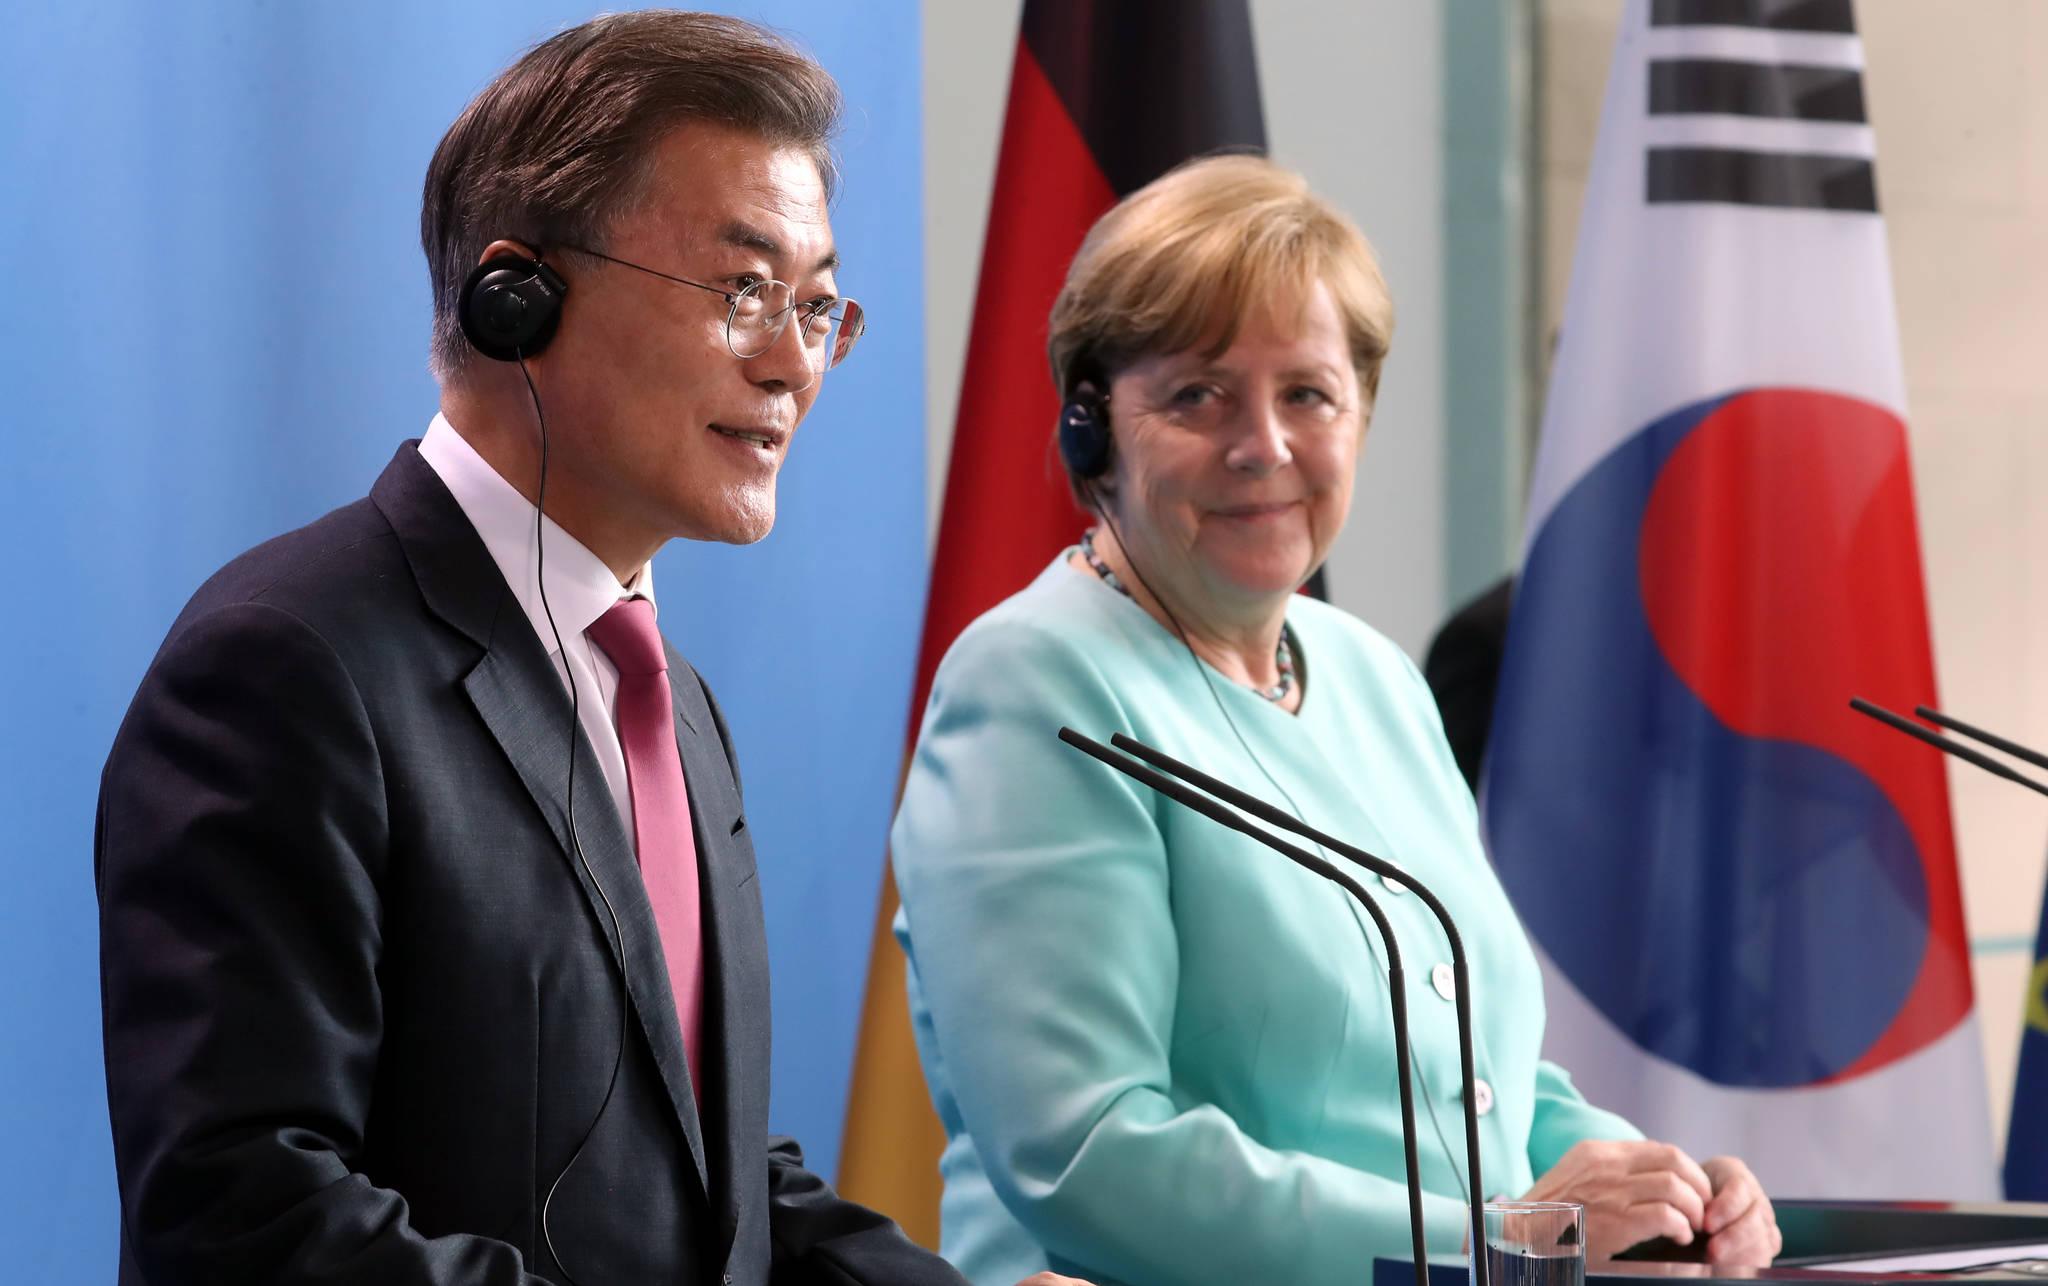 문재인 대통령이 7월 5일 오후(현지시간) 독일 베를린 연방총리실 청사에서 앙겔라 메르켈 독일 총리와 함께 기자회견을 하고 있다.청와대사진기자단